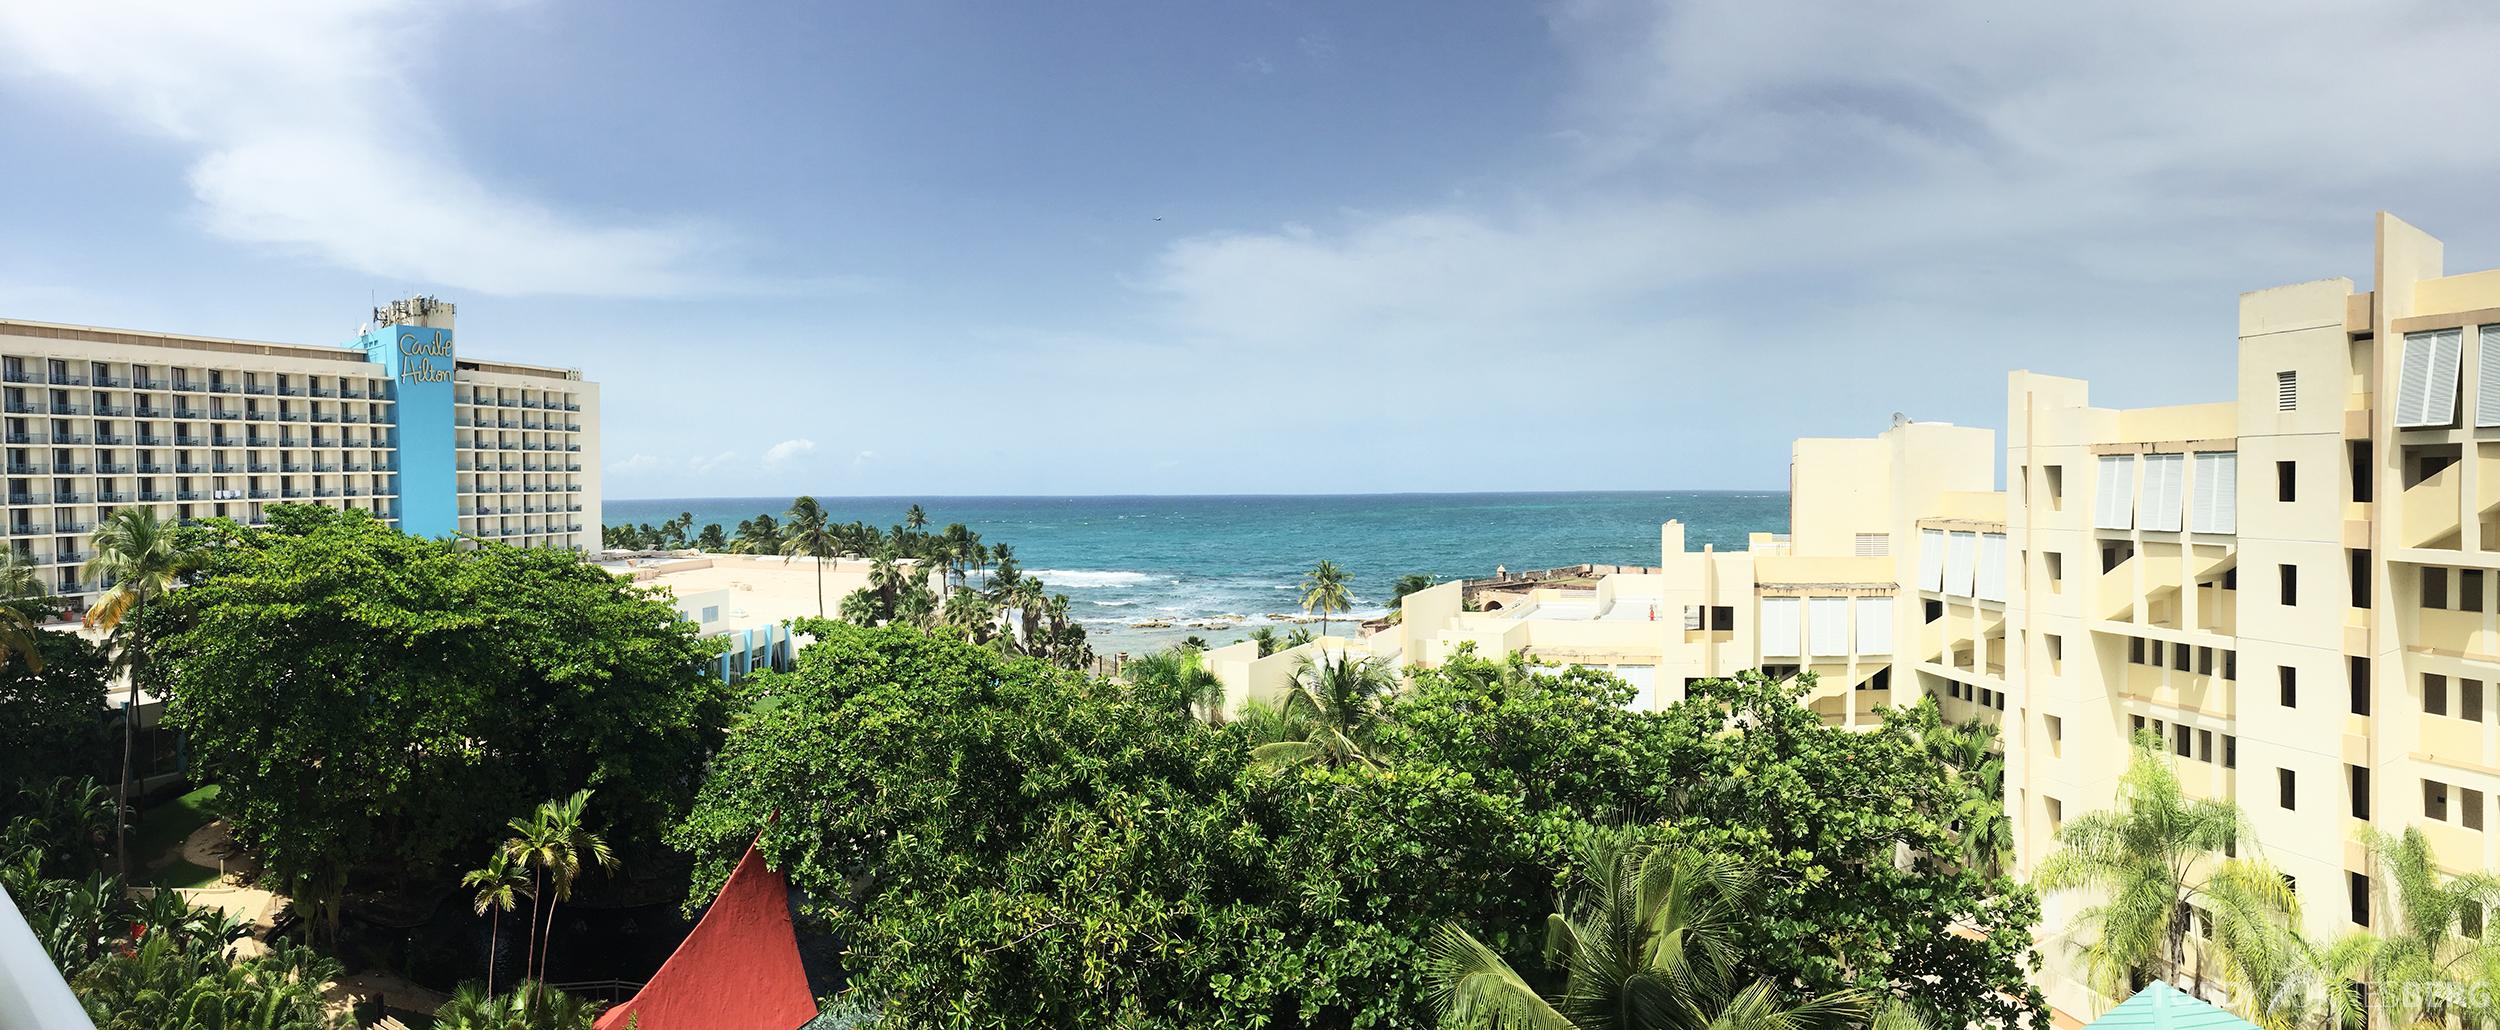 Caribe Hilton utsikt fra Garden Wing